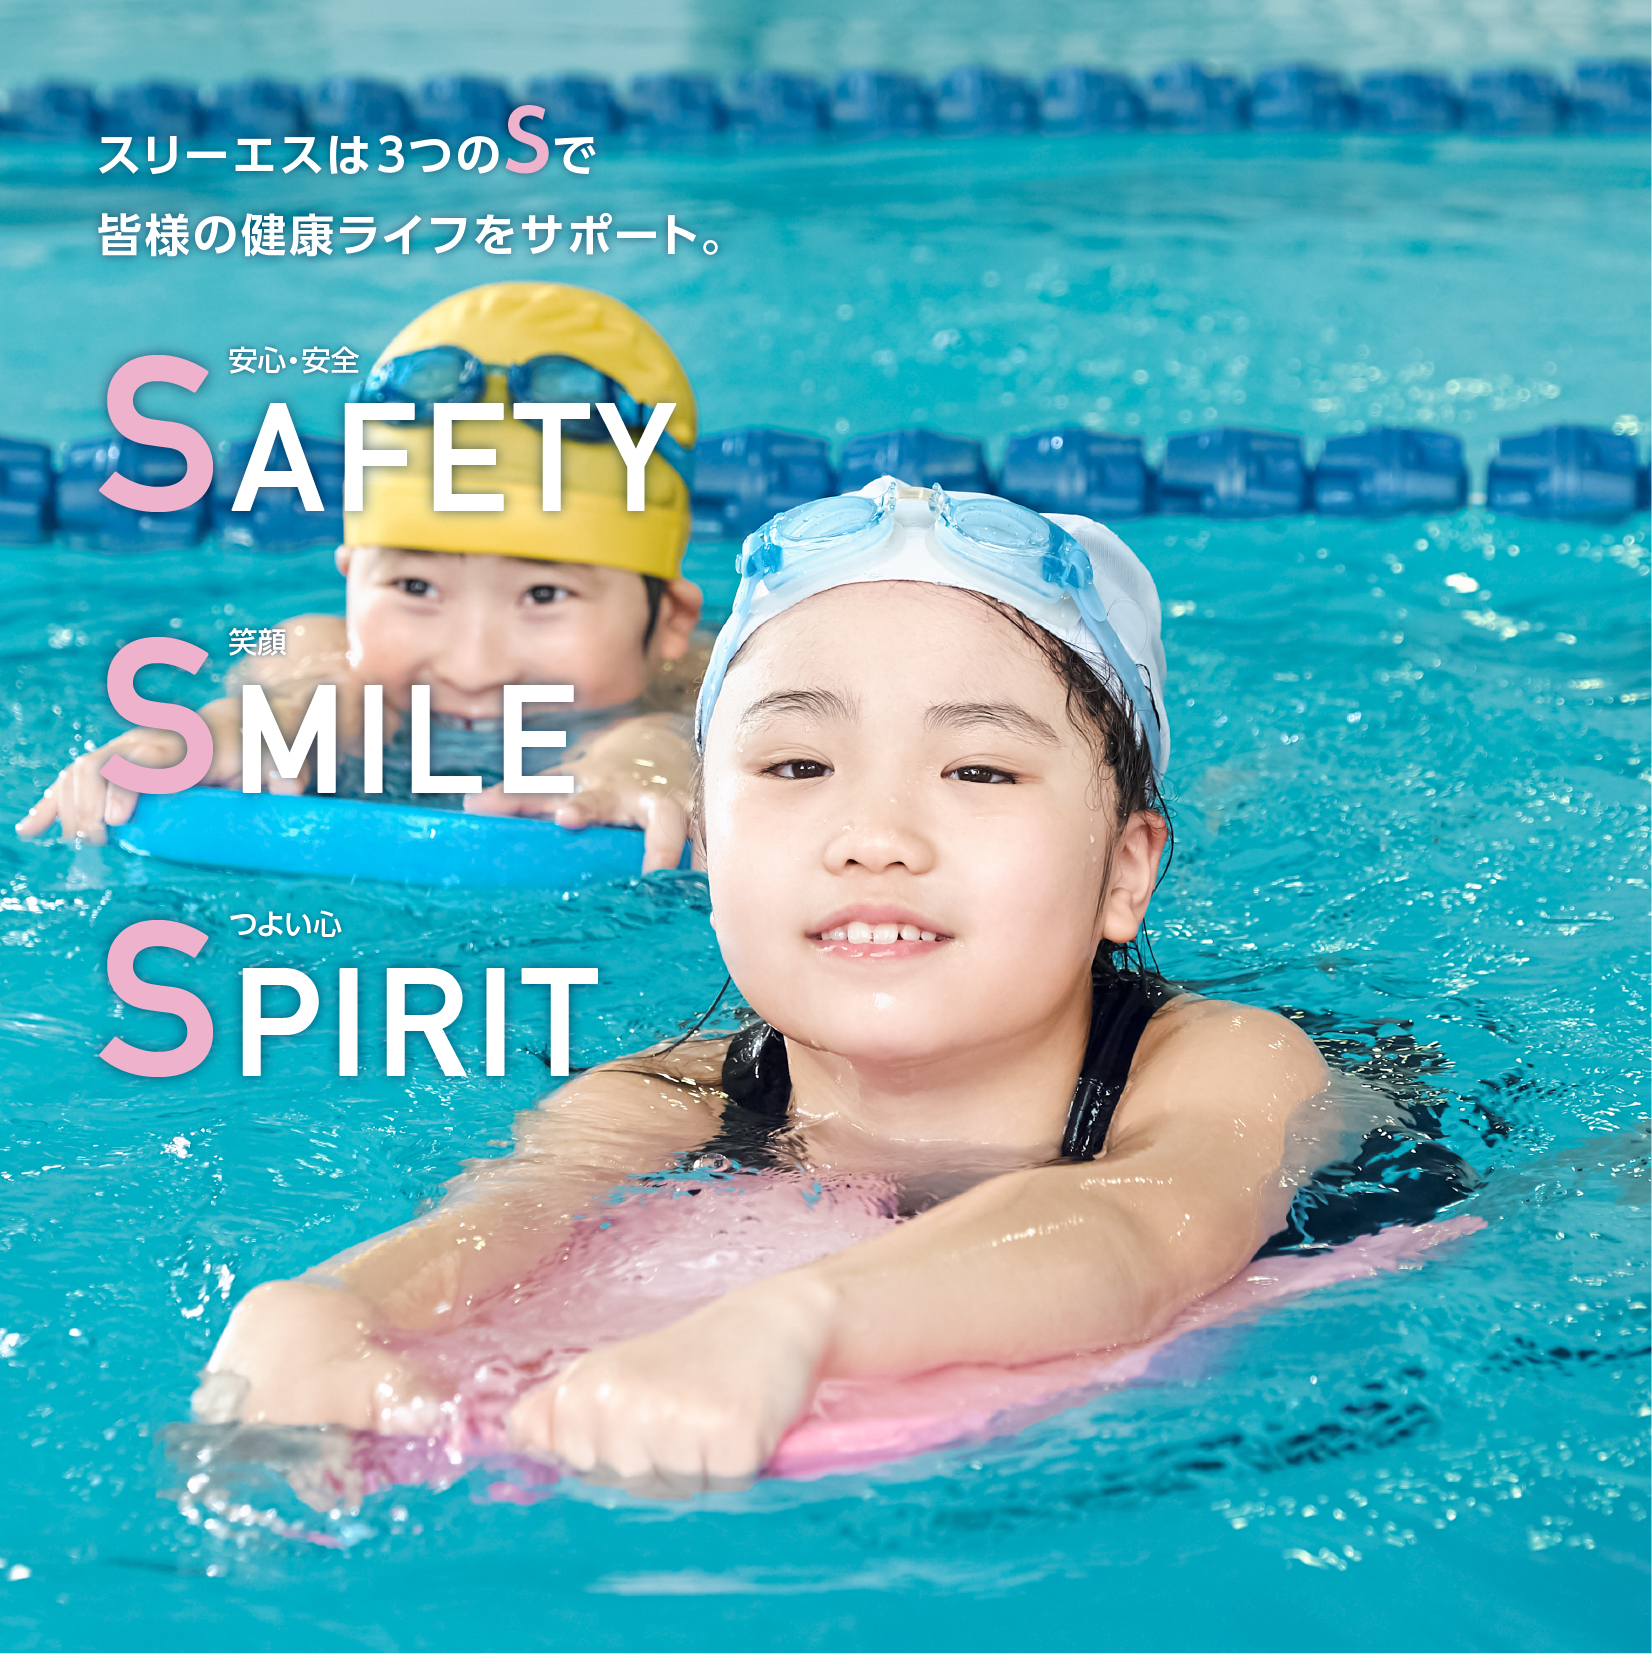 スリーエスは3つのSで皆様の健康ライフをサポート。 SAFETY SMILEC SPIRIT